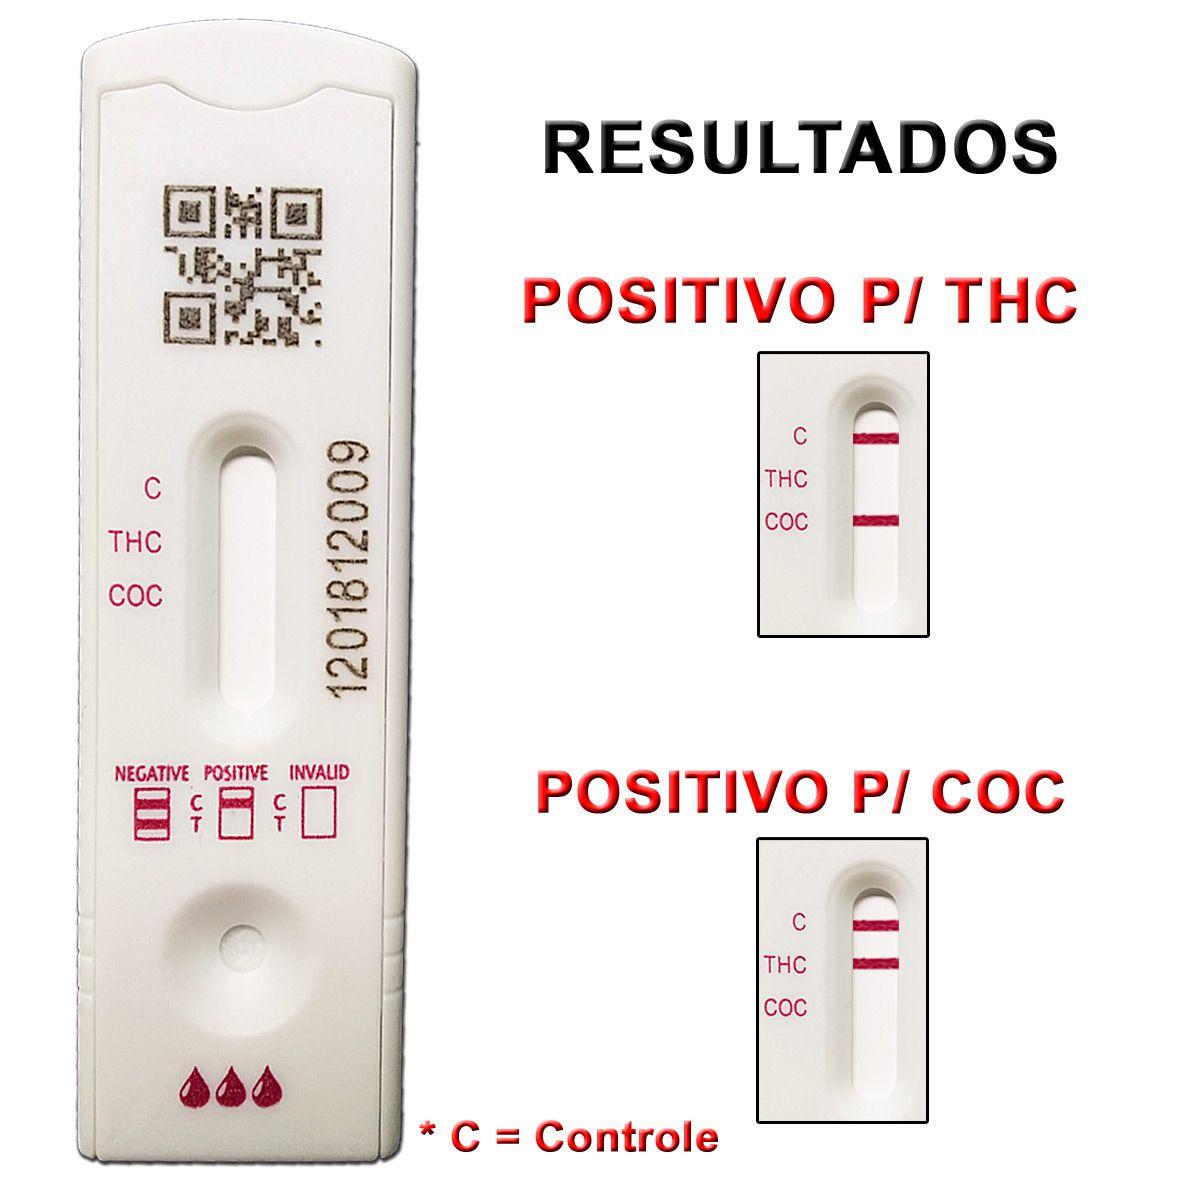 10 Kits para teste (urina) de 2 substâncias COC + THC - Faça em casa e veja o resultado em 10 minutos  - Testes Para Drogas e COVID-19. Máscaras e Como Parar de Beber e Fumar